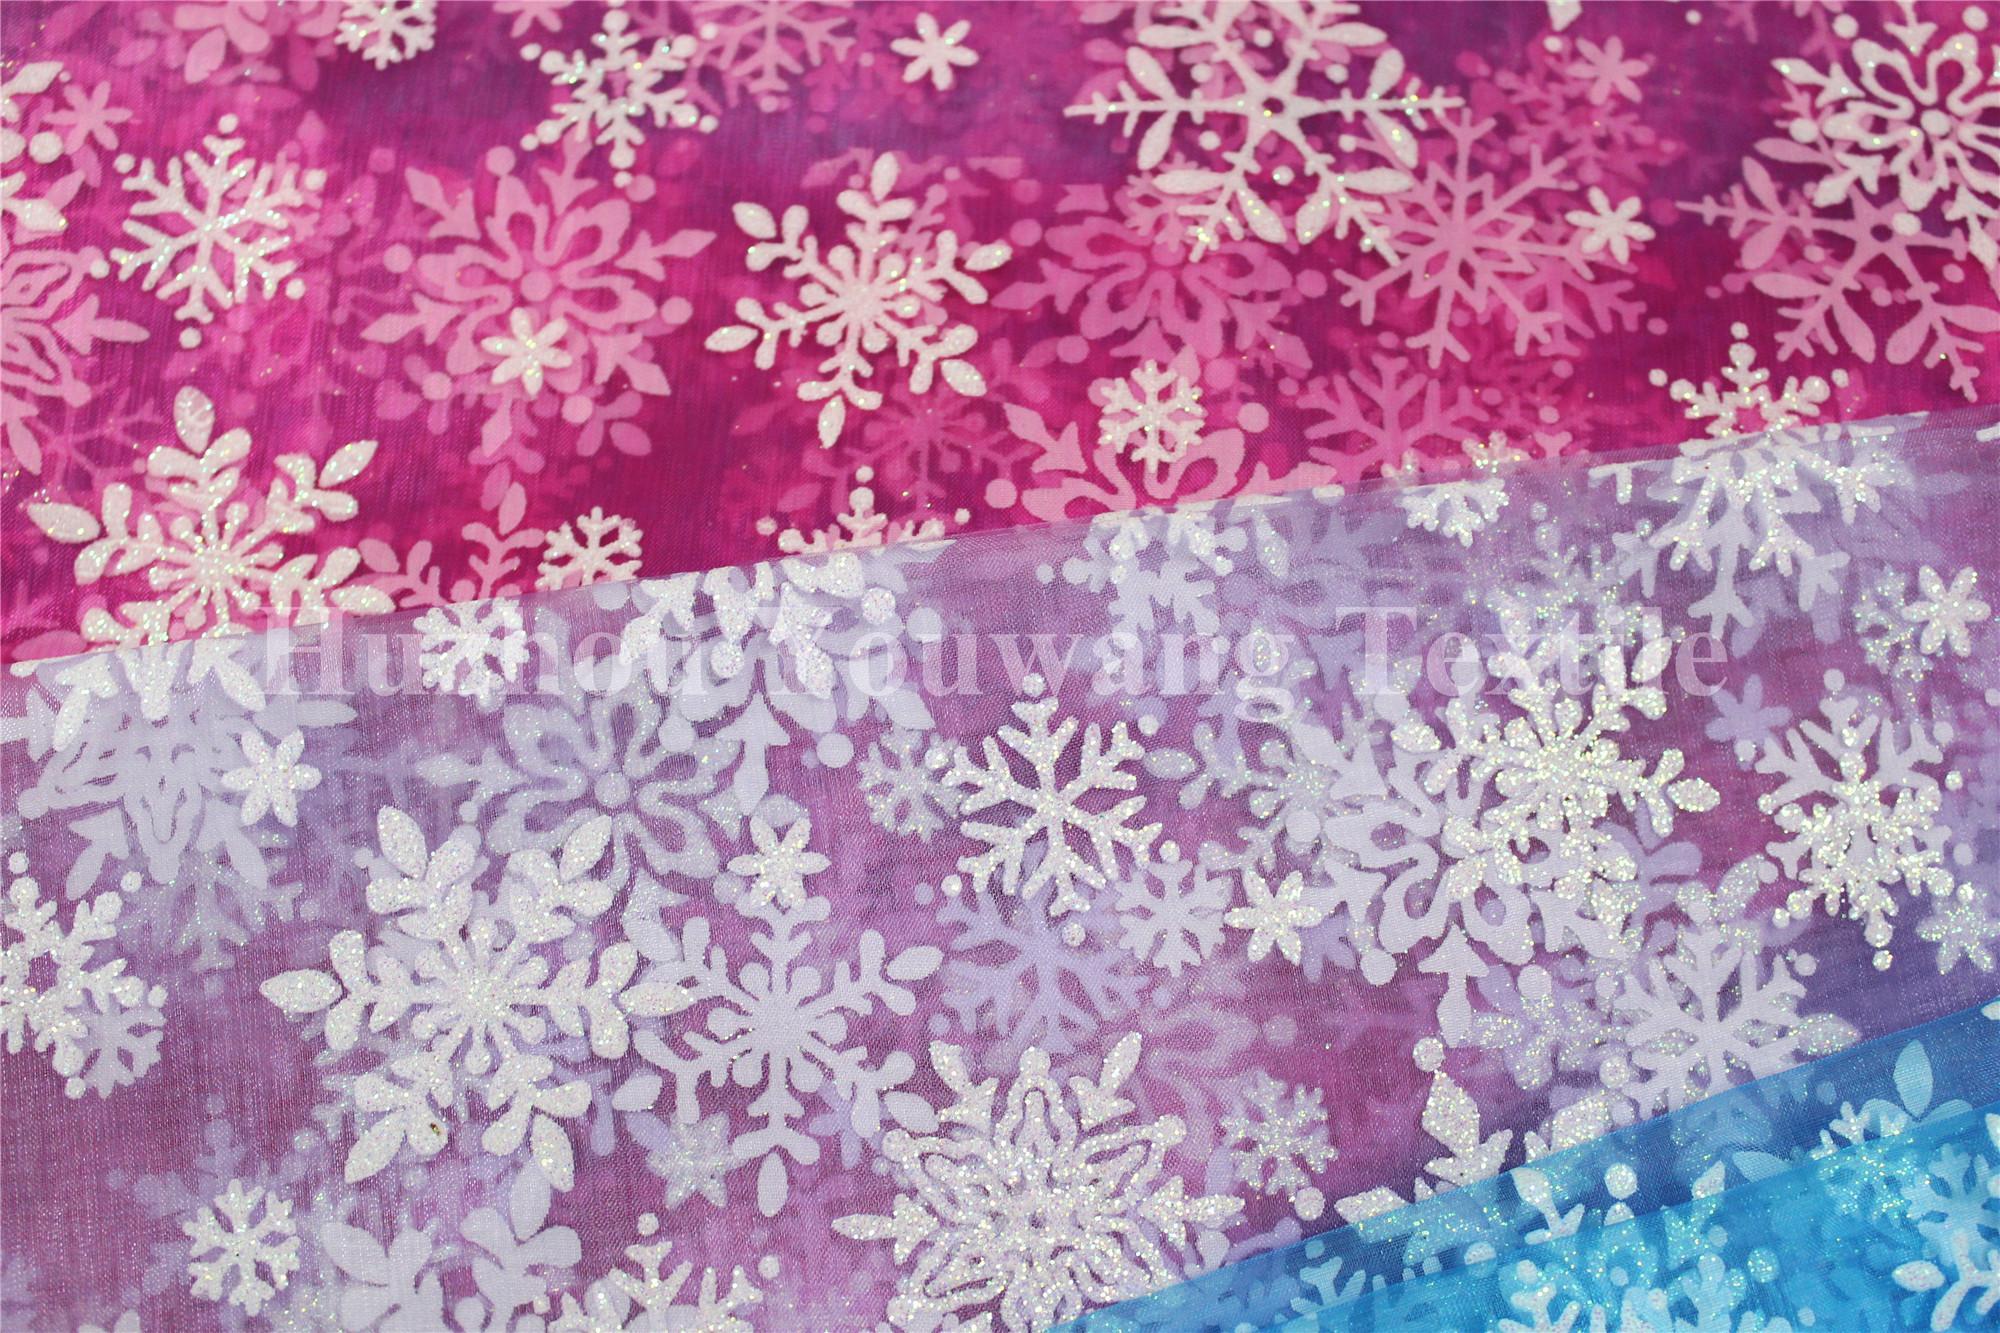 Snowflake Design Glitter Organza Fabric 3